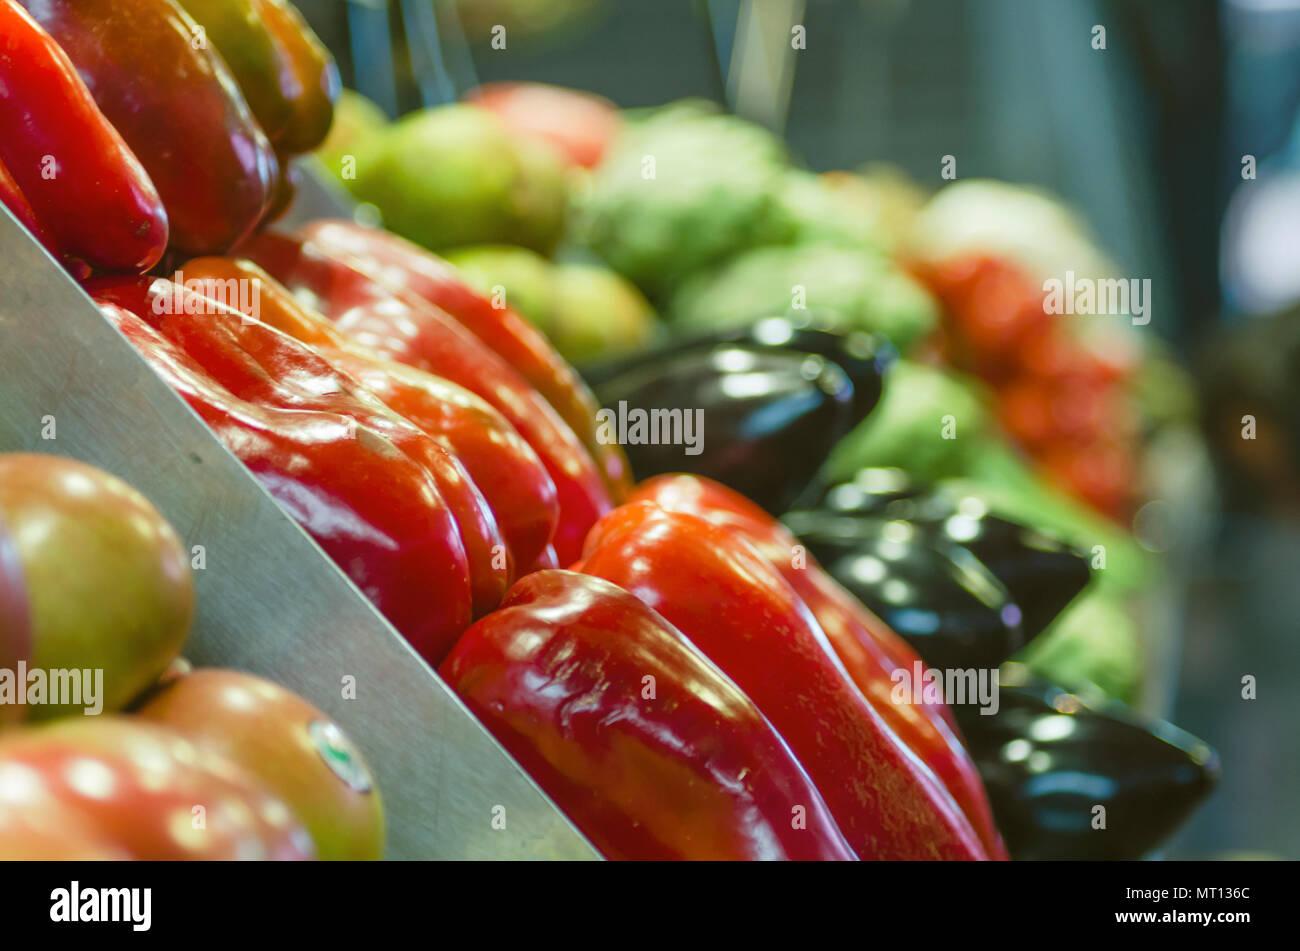 Healthy Food Carlisle